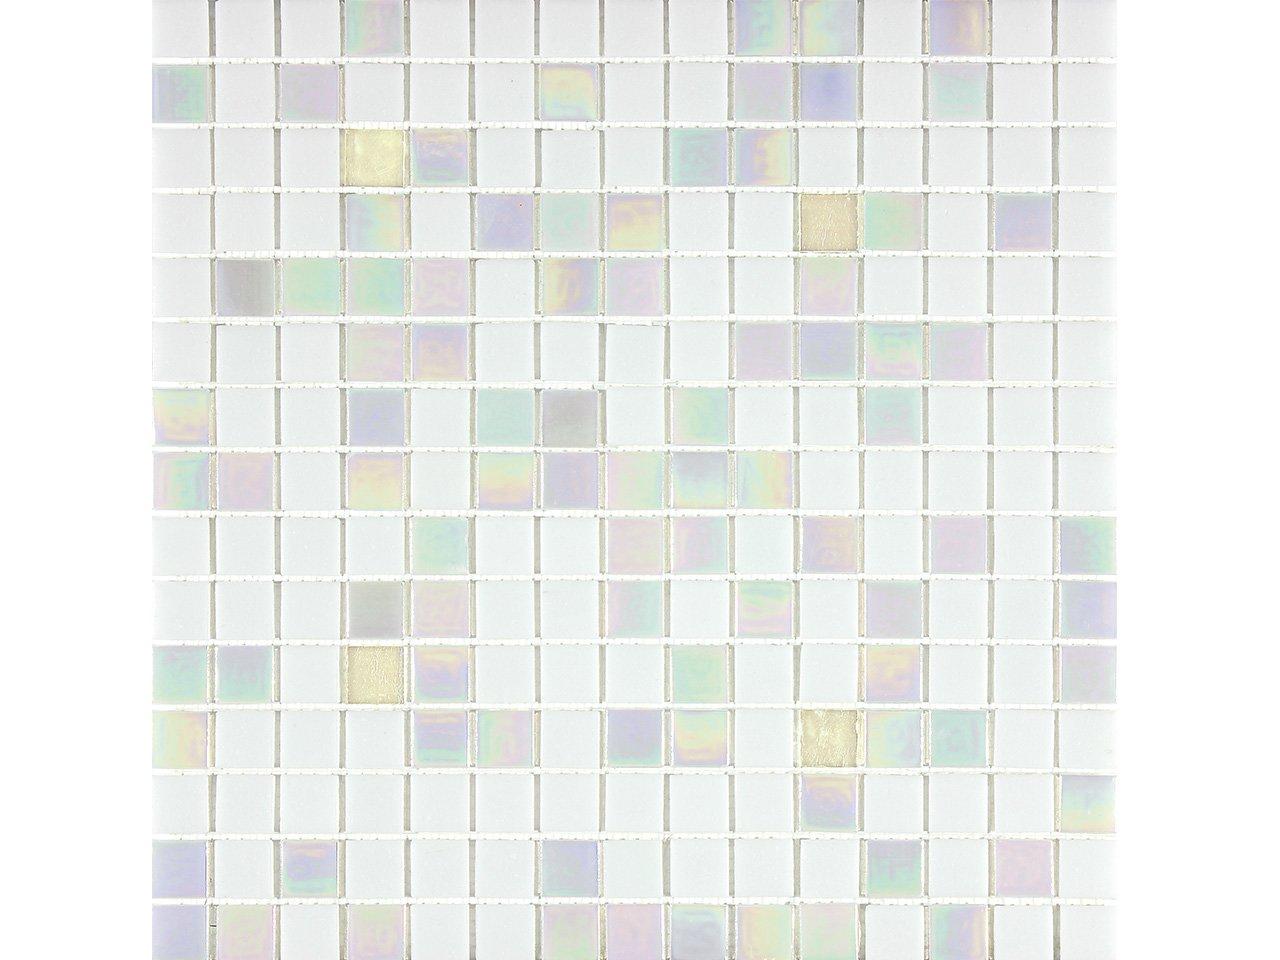 Mos vetro islanda iperceramica for Mosaico vetro bagno